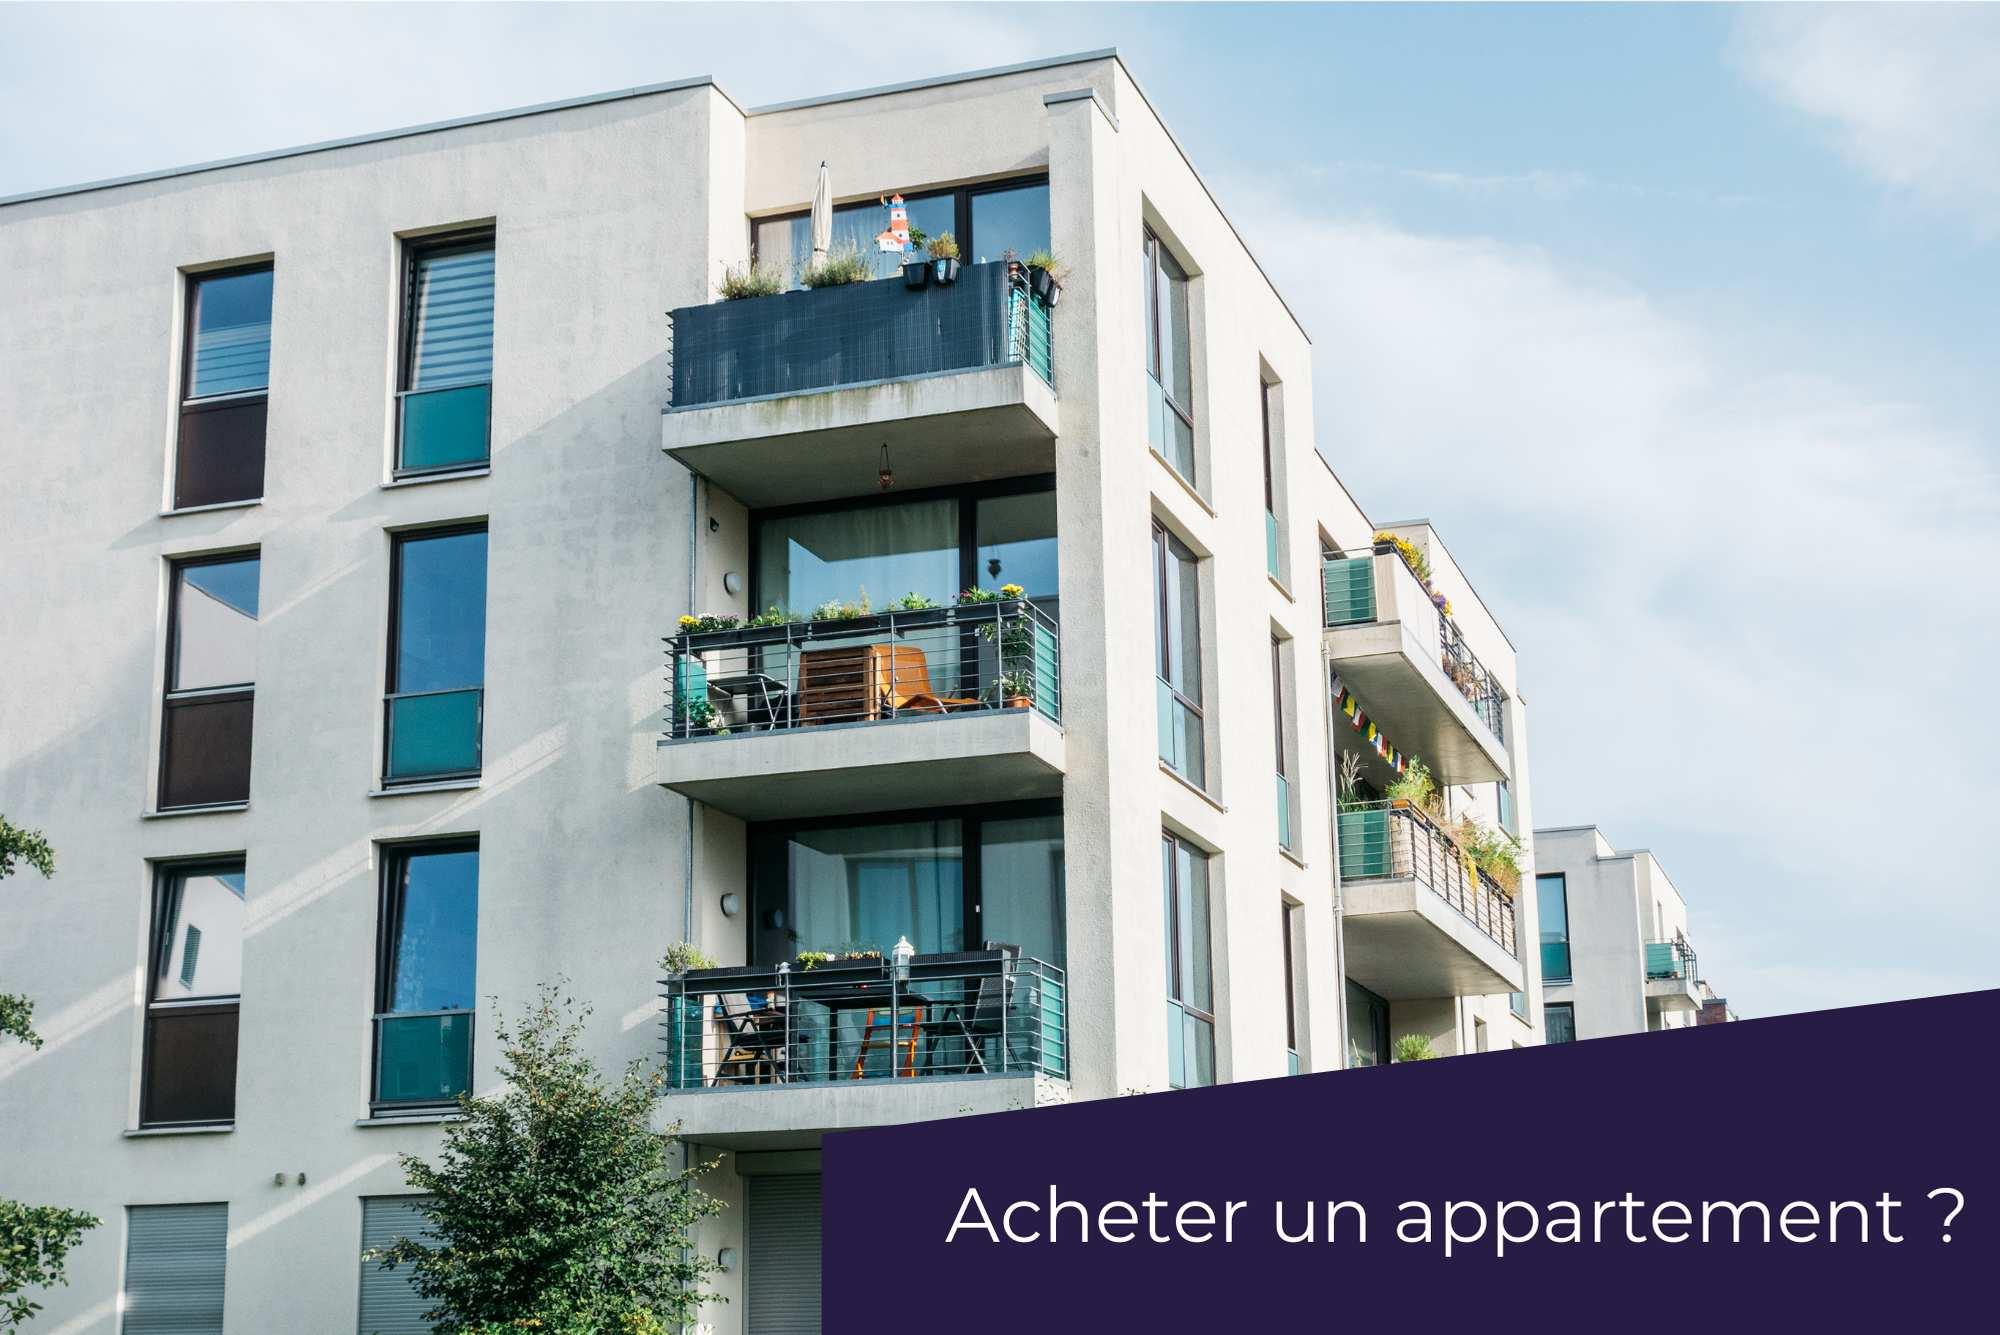 Quelles questions se poser avant d'acheter un appartement ?